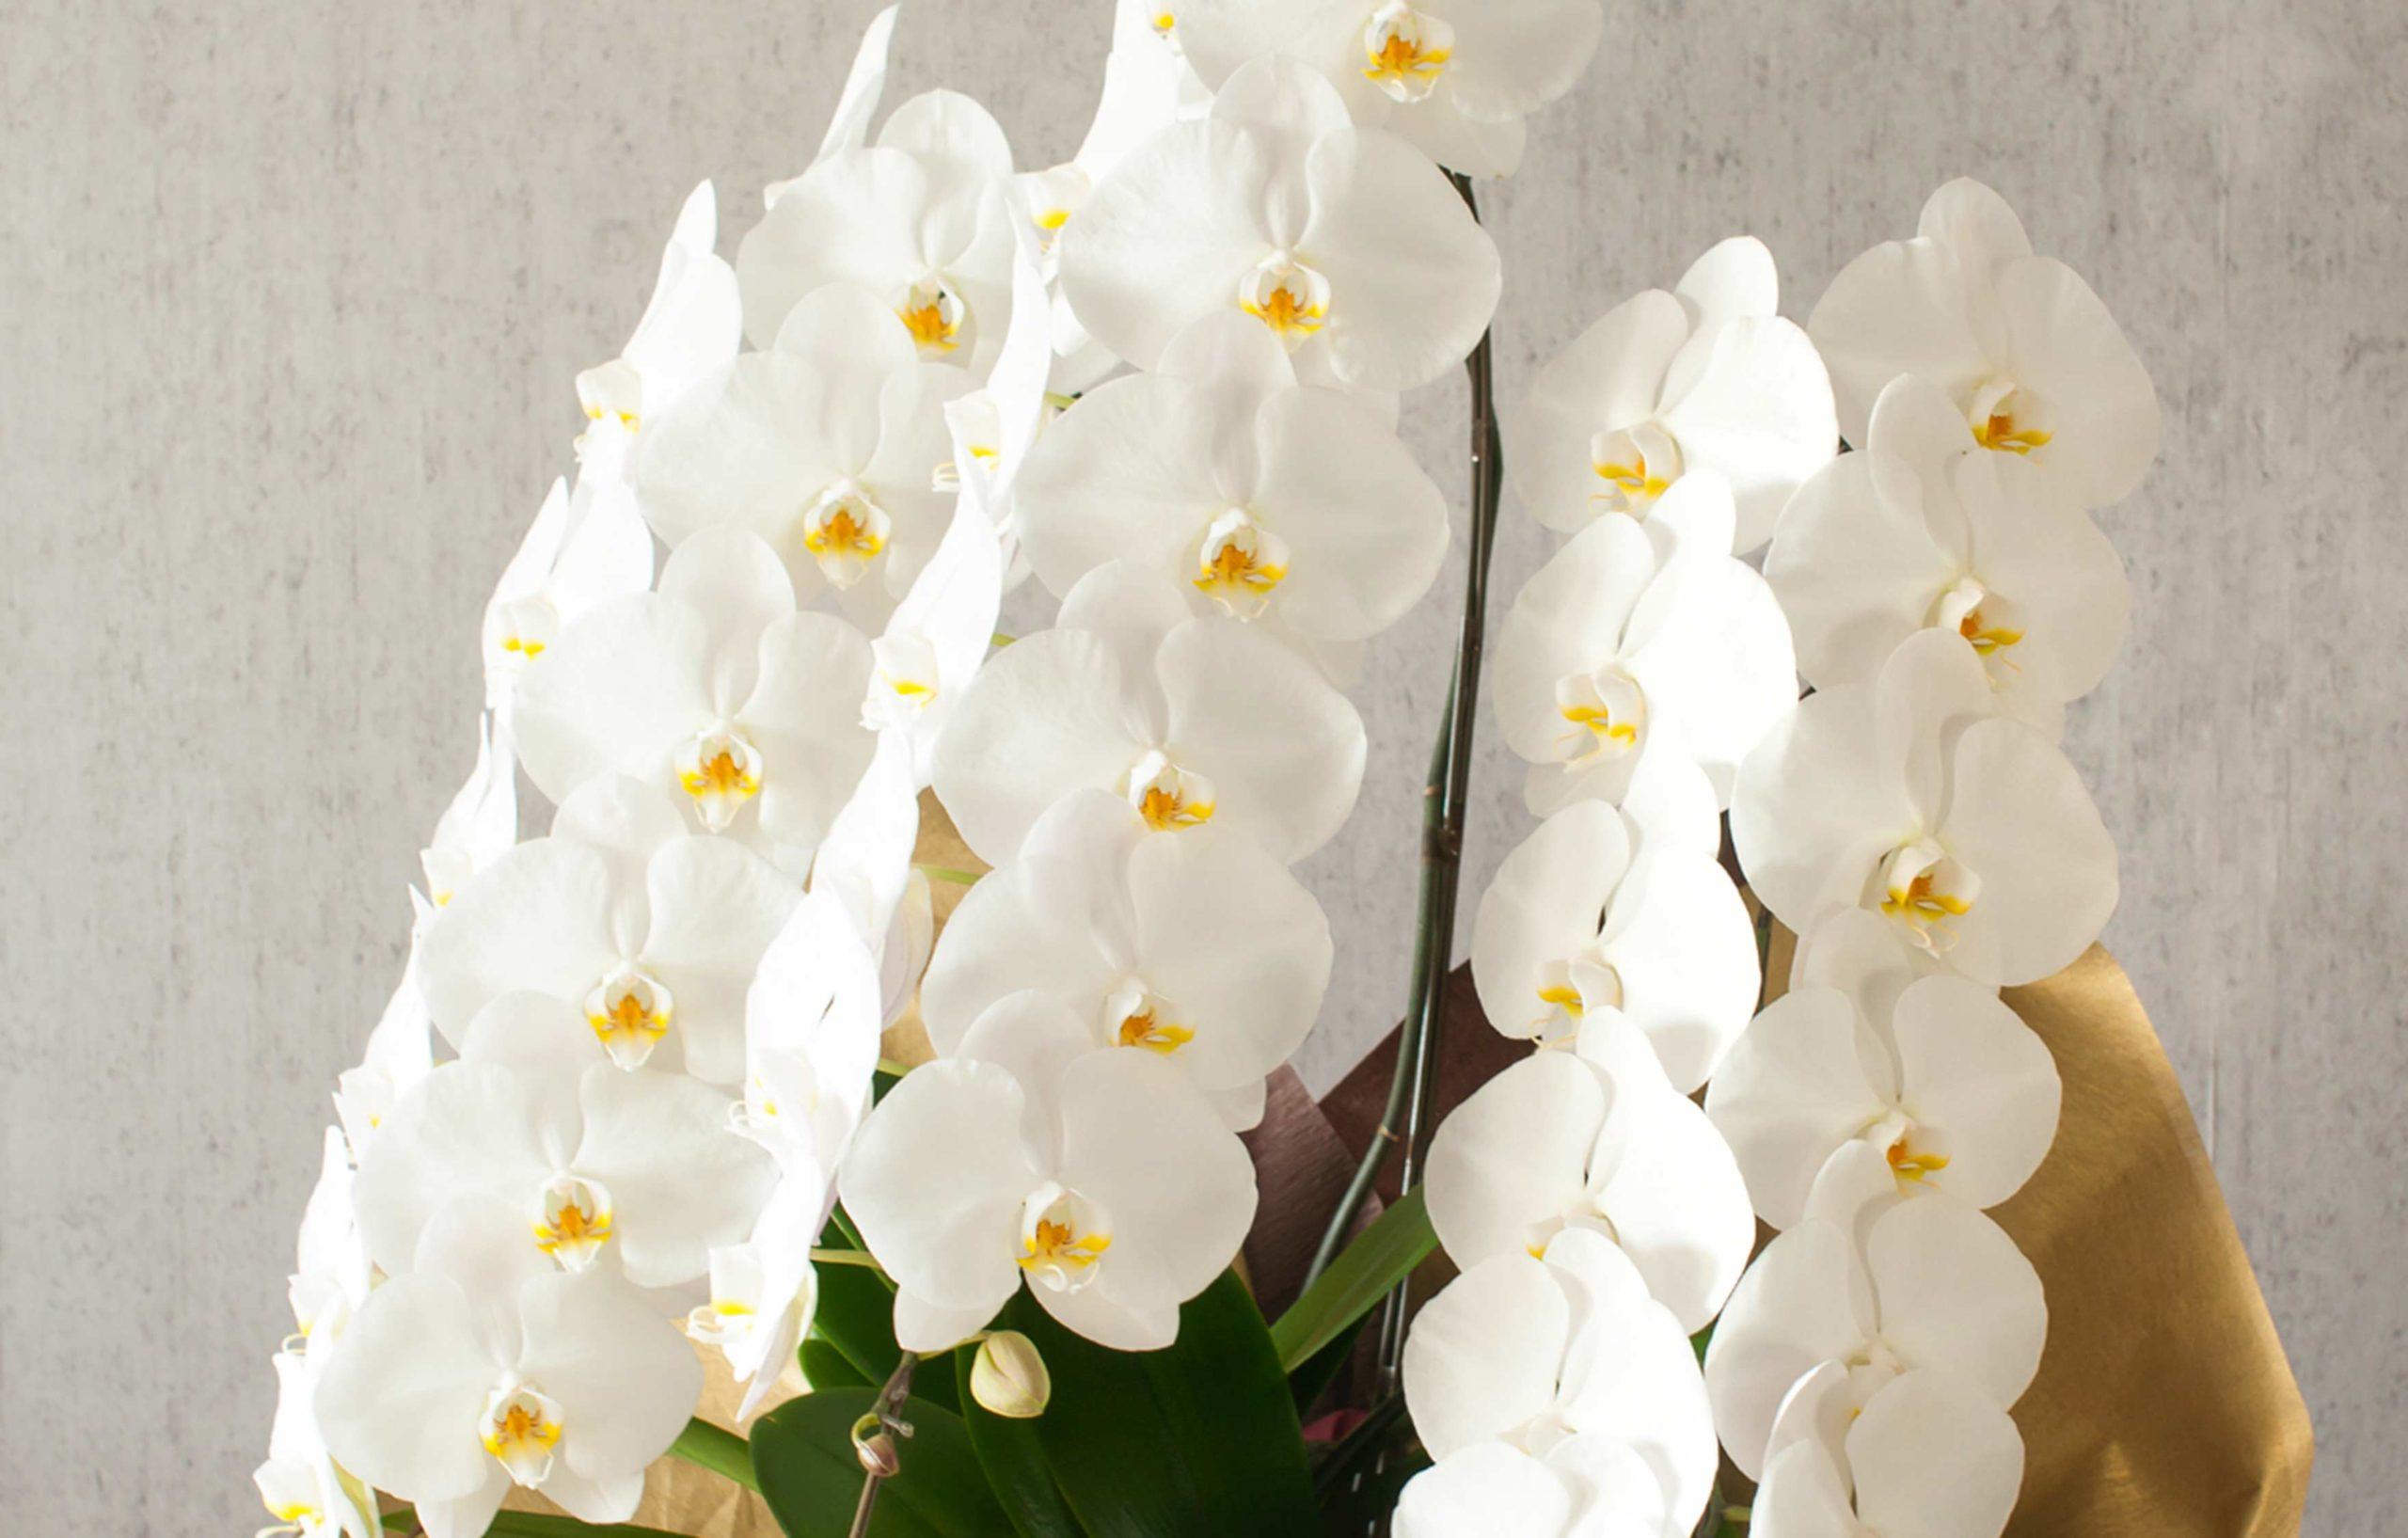 胡蝶蘭が贈り花として喜ばれる3つの理由